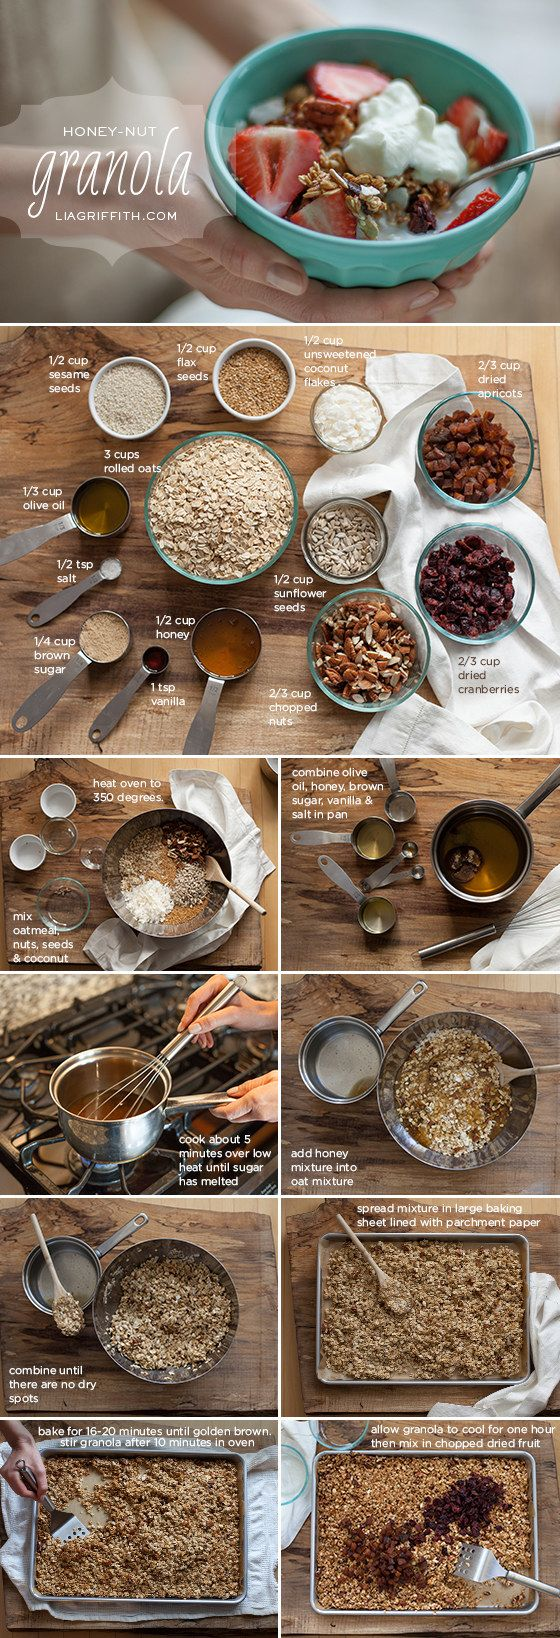 7 einfache Tricks zur Zubereitung von Mahlzeiten, die Sie ausprobieren müssen